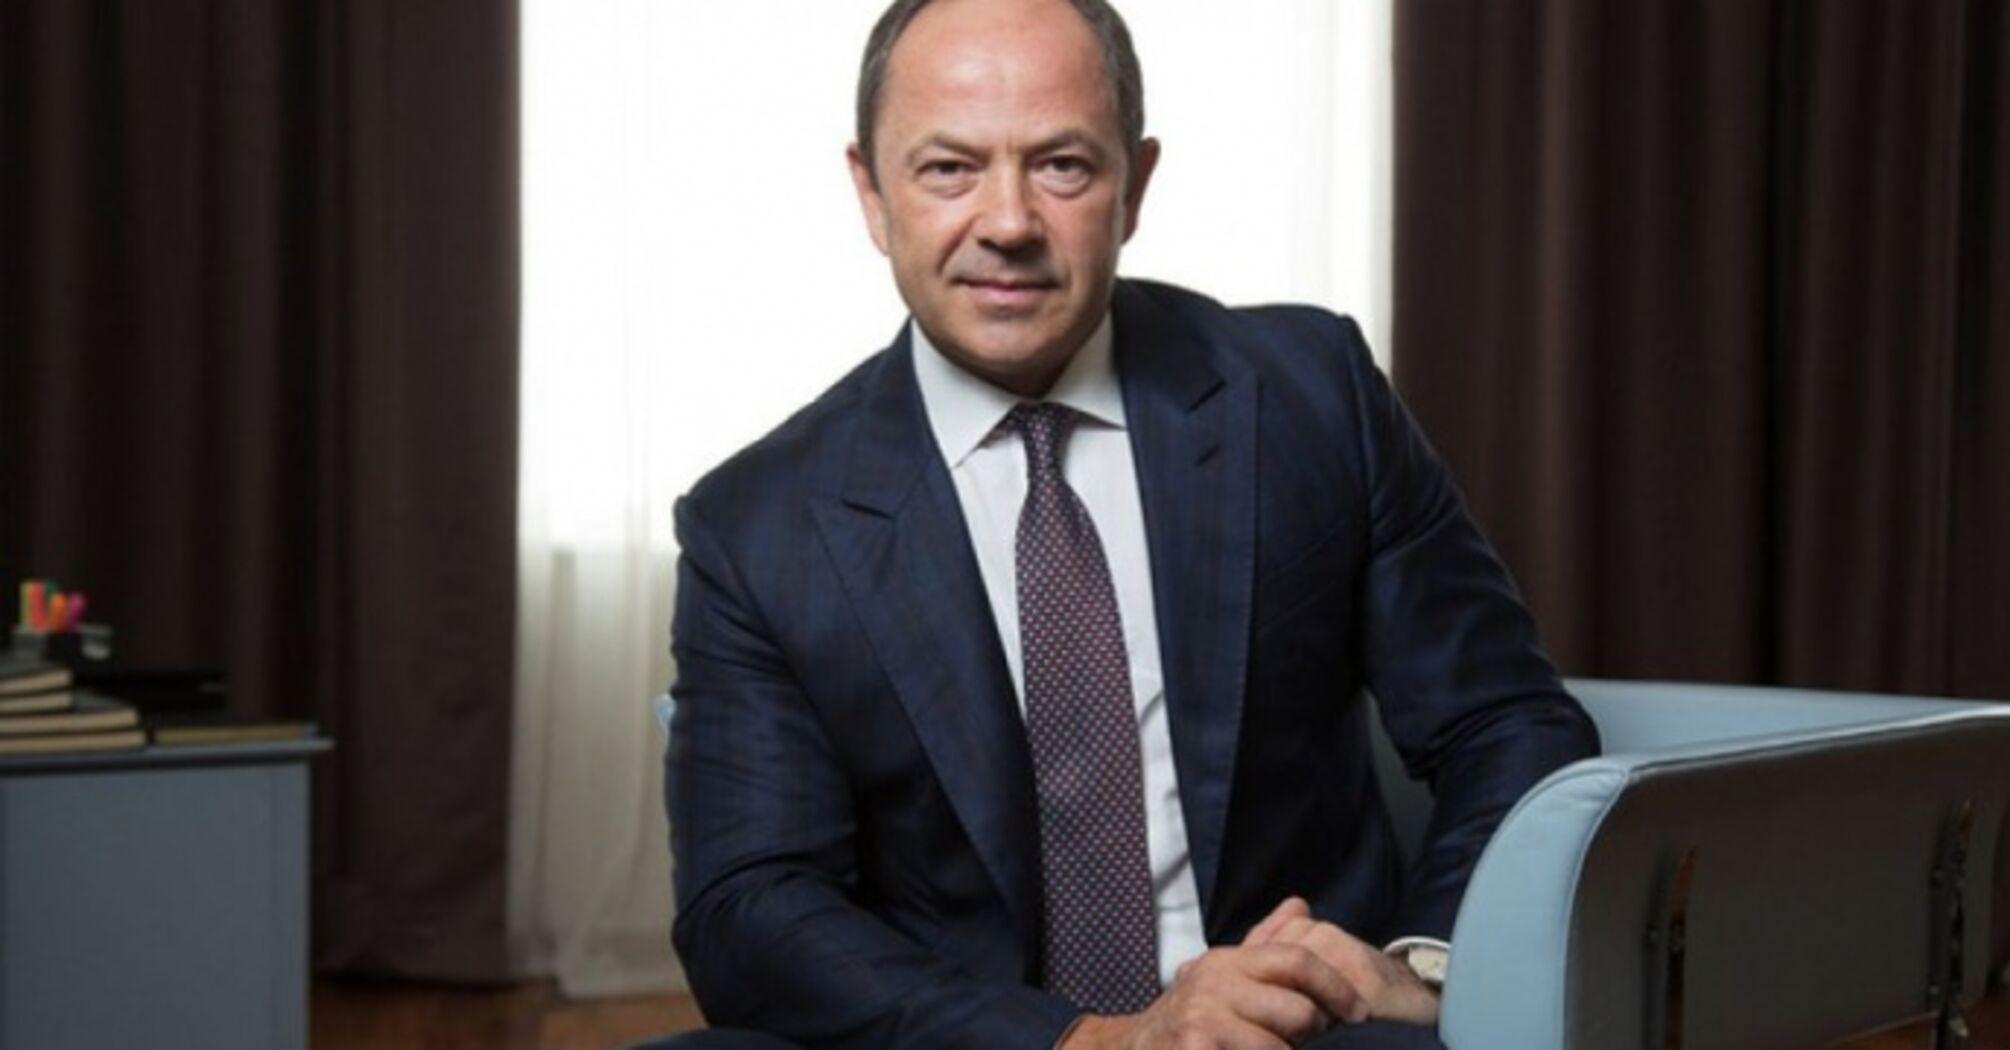 Без российского газа – никак, и с РФ надо говорить: что Тигипко заявлял в 2014-м